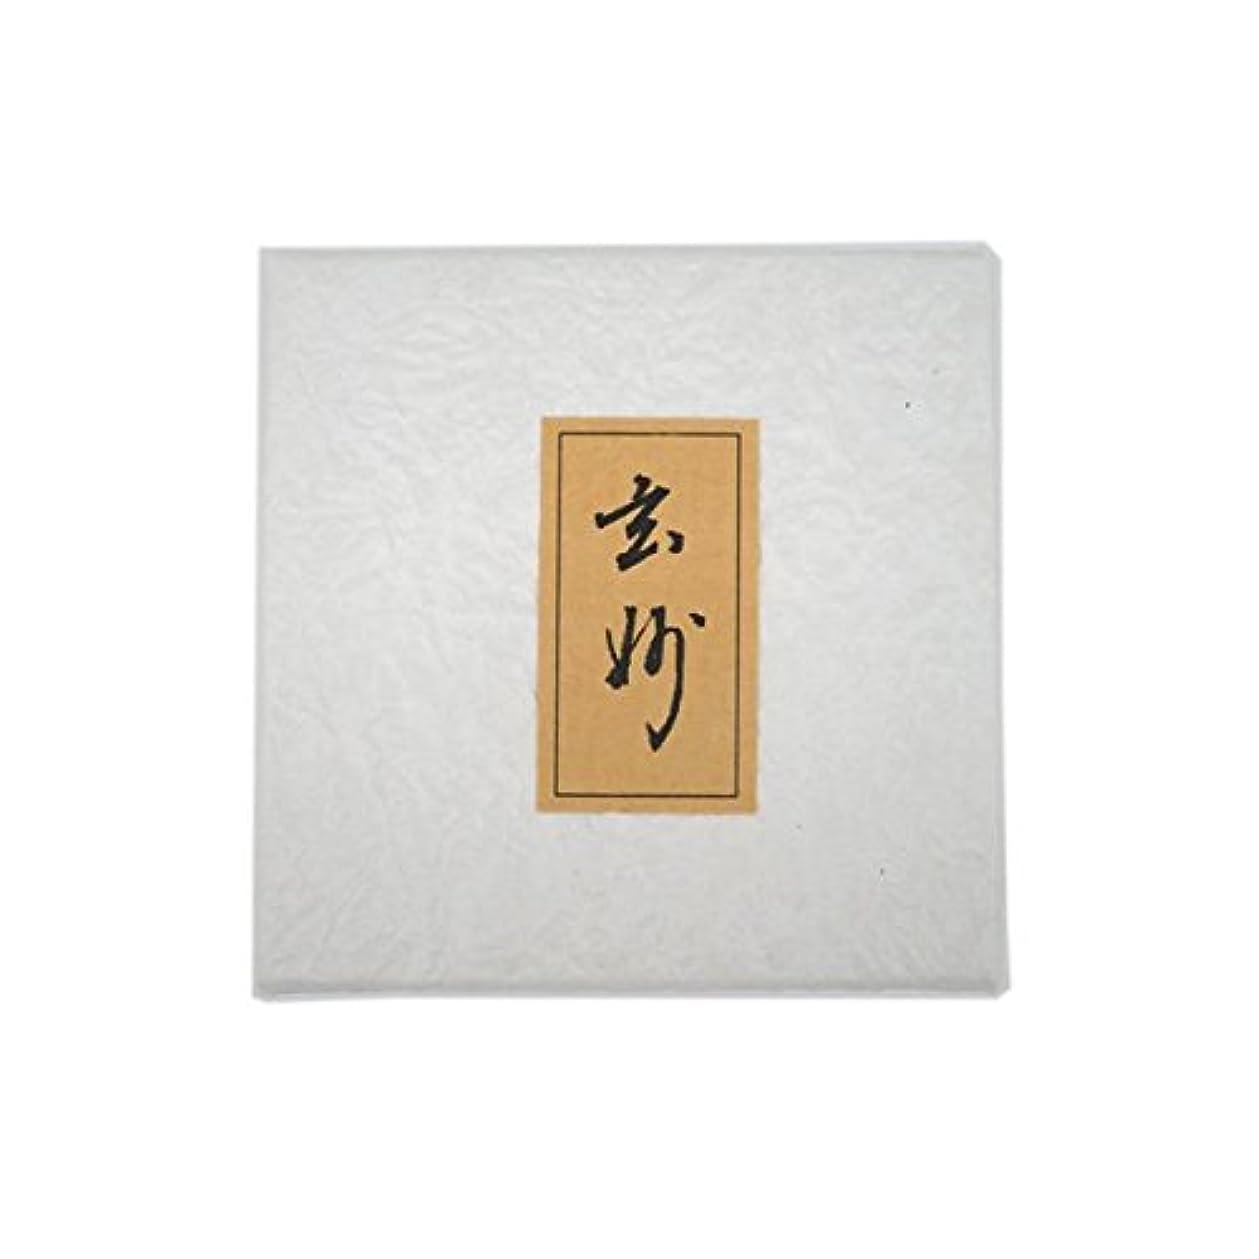 体現する通路結紮玄妙 紙箱入(壷入)